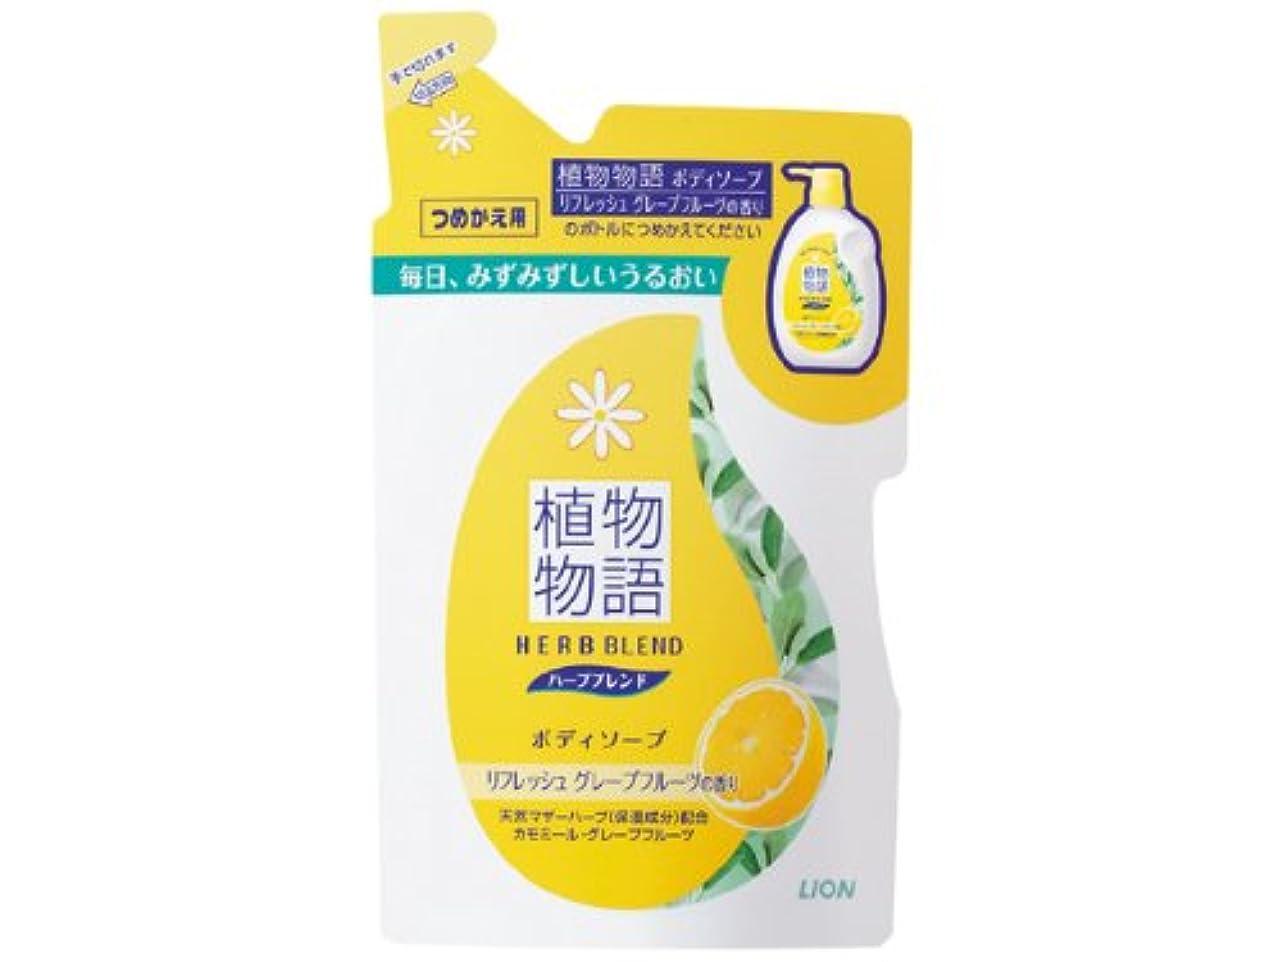 満足できる想起軽蔑植物物語 ハーブブレンド ボディソープ リフレッシュグレープフルーツの香り つめかえ用 420ml